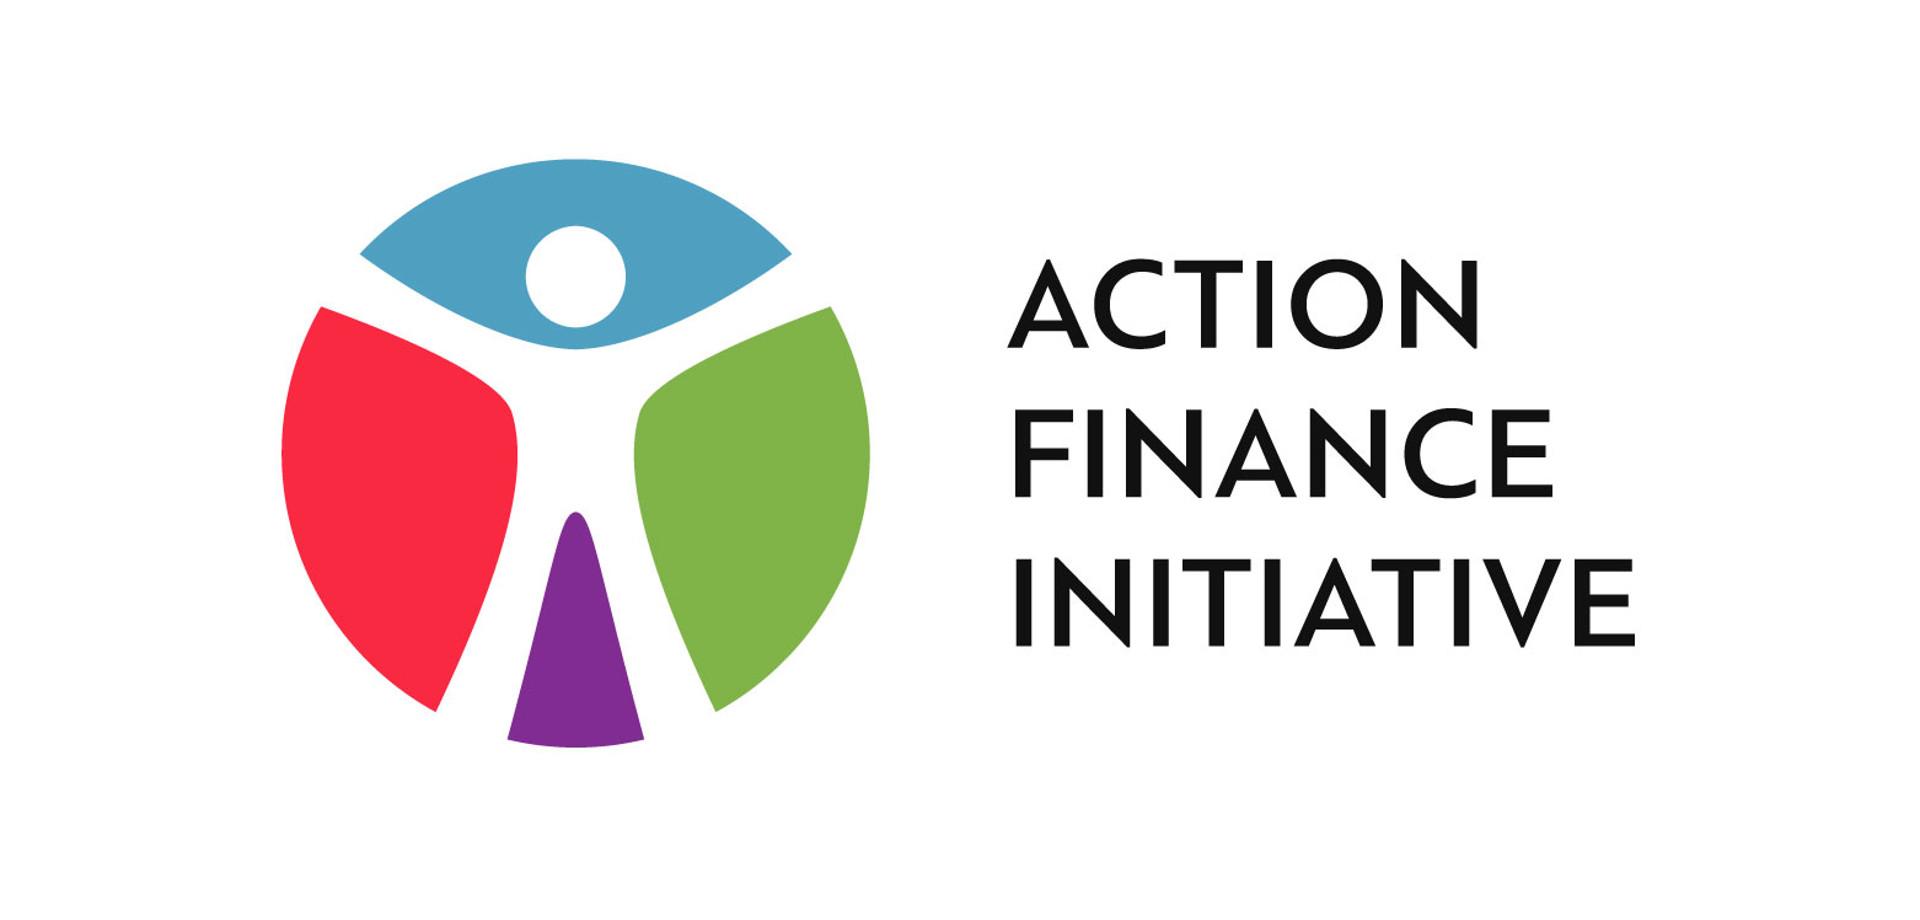 Αστική Μη Κερδοσκοπική Εταιρία Action Finance Initiative (AFI)